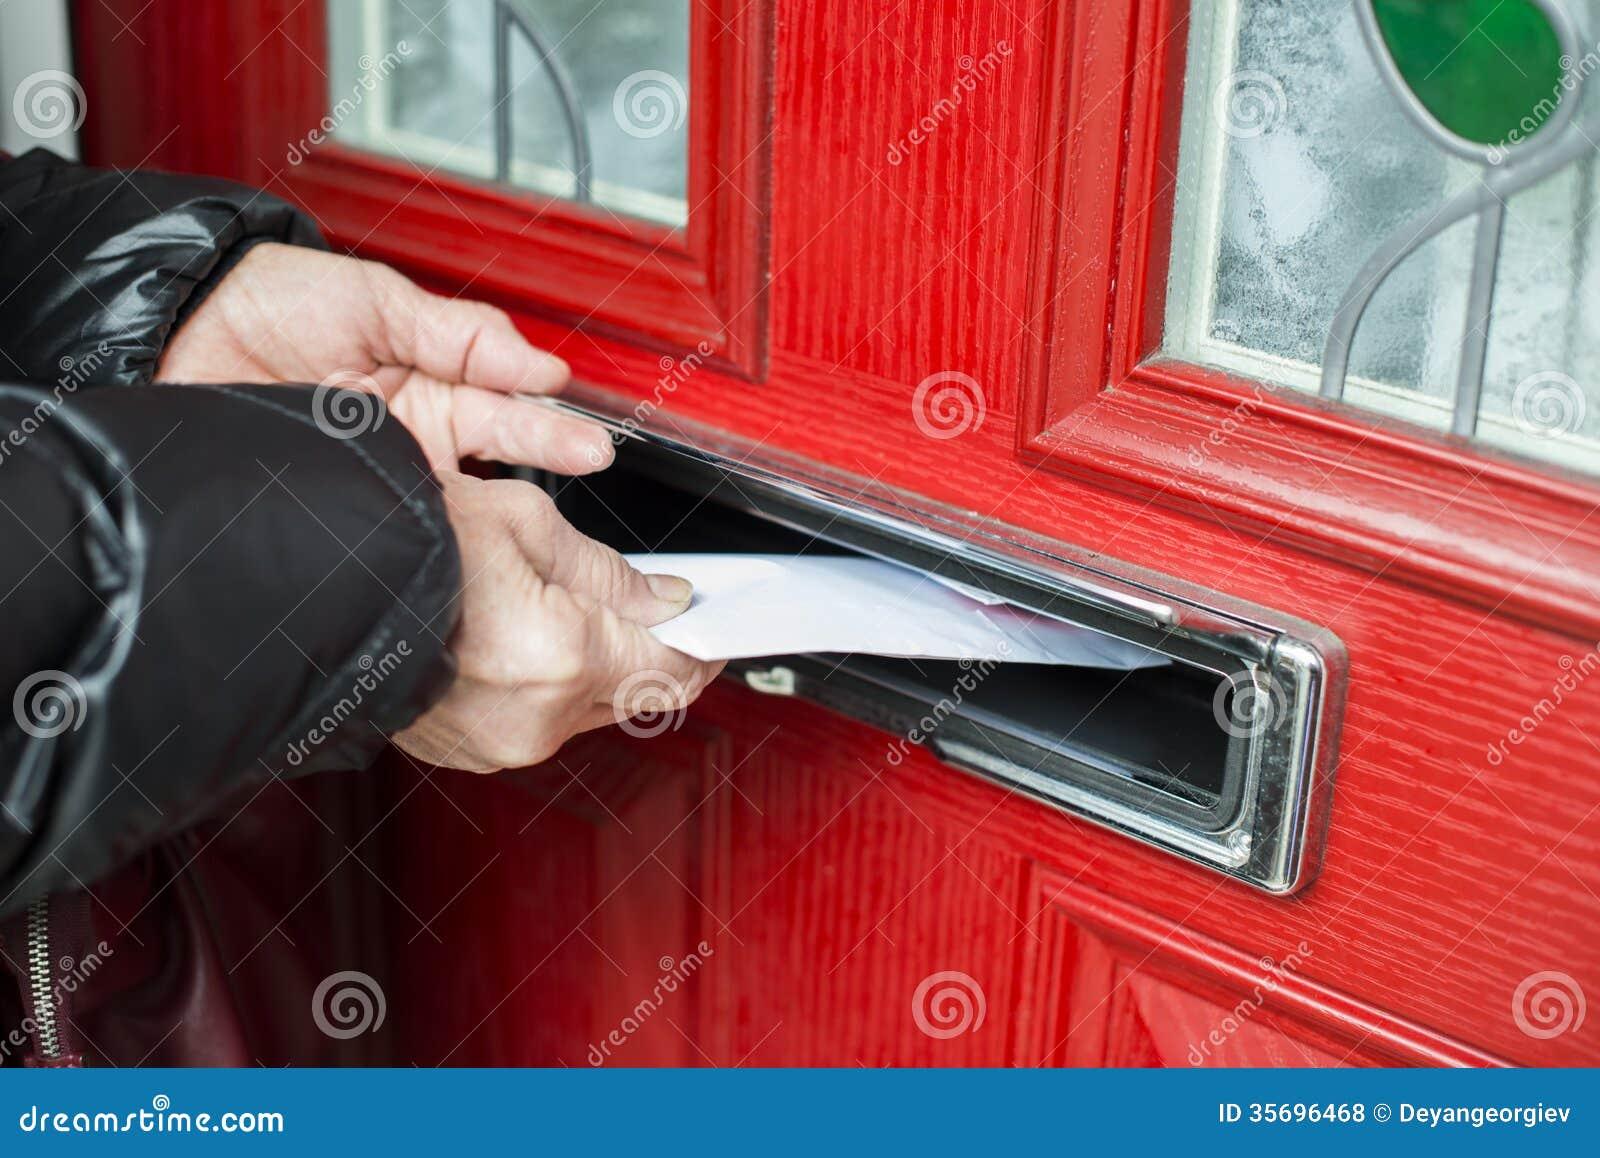 Lettera nella cassetta delle lettere